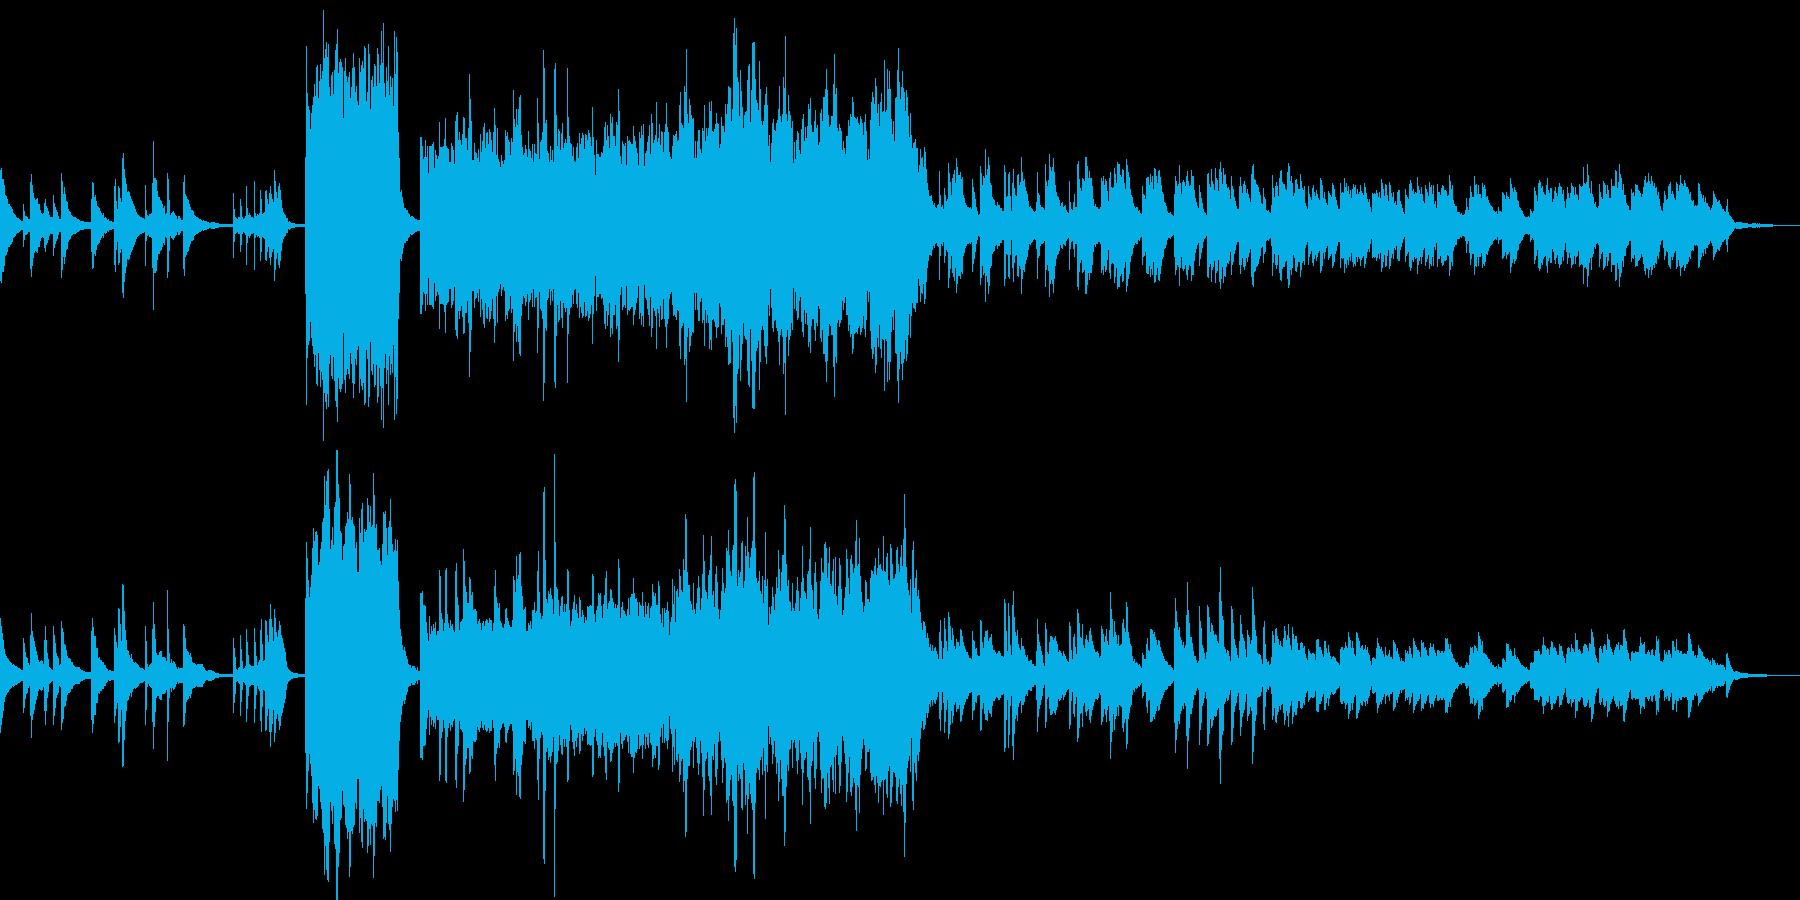 神聖な別世界をイメージした曲の再生済みの波形